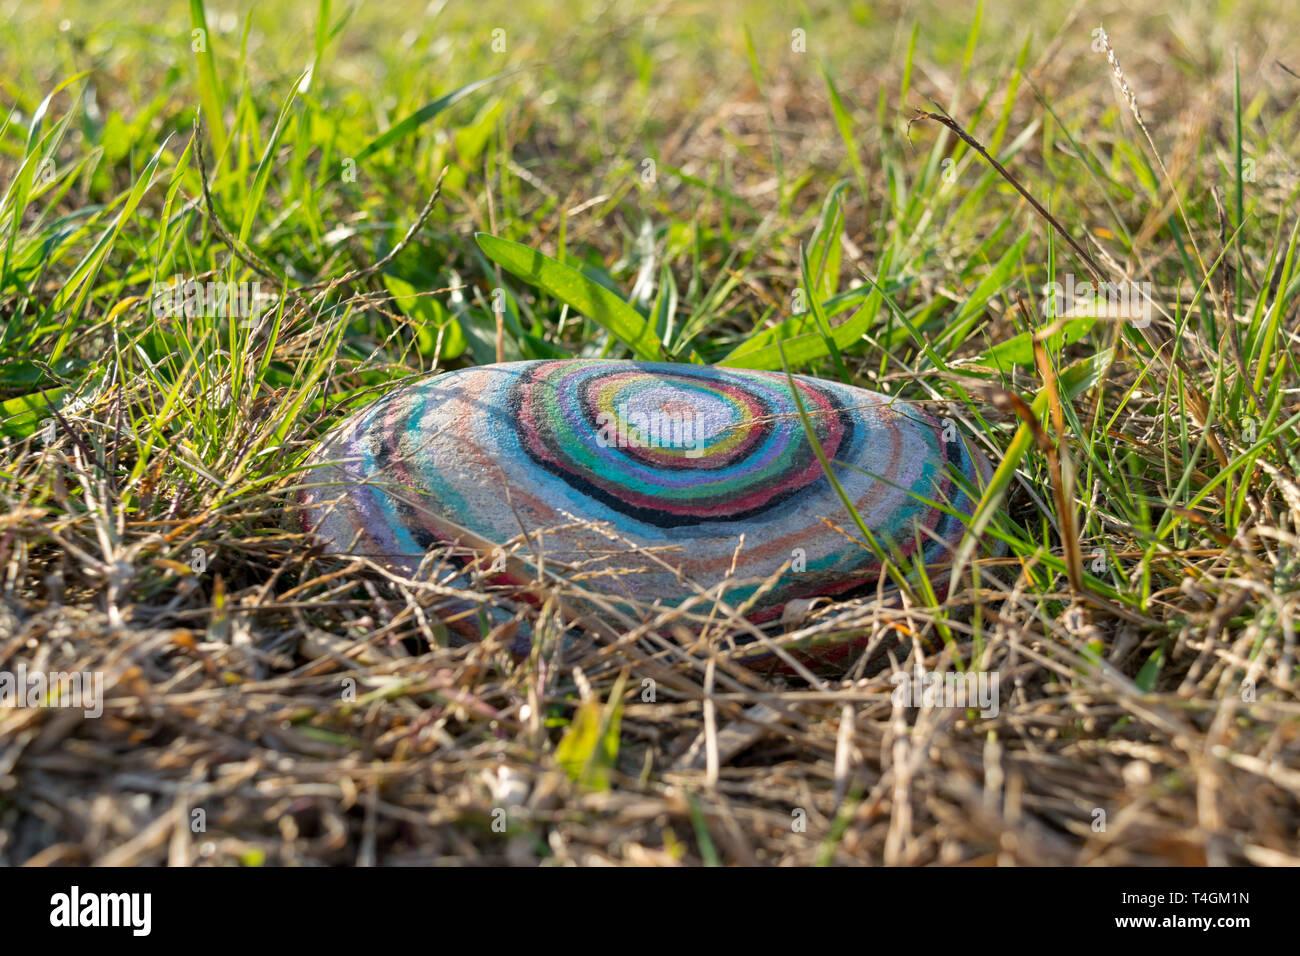 Rock con coloridos círculos pintados acostado en el pasto verde Imagen De Stock